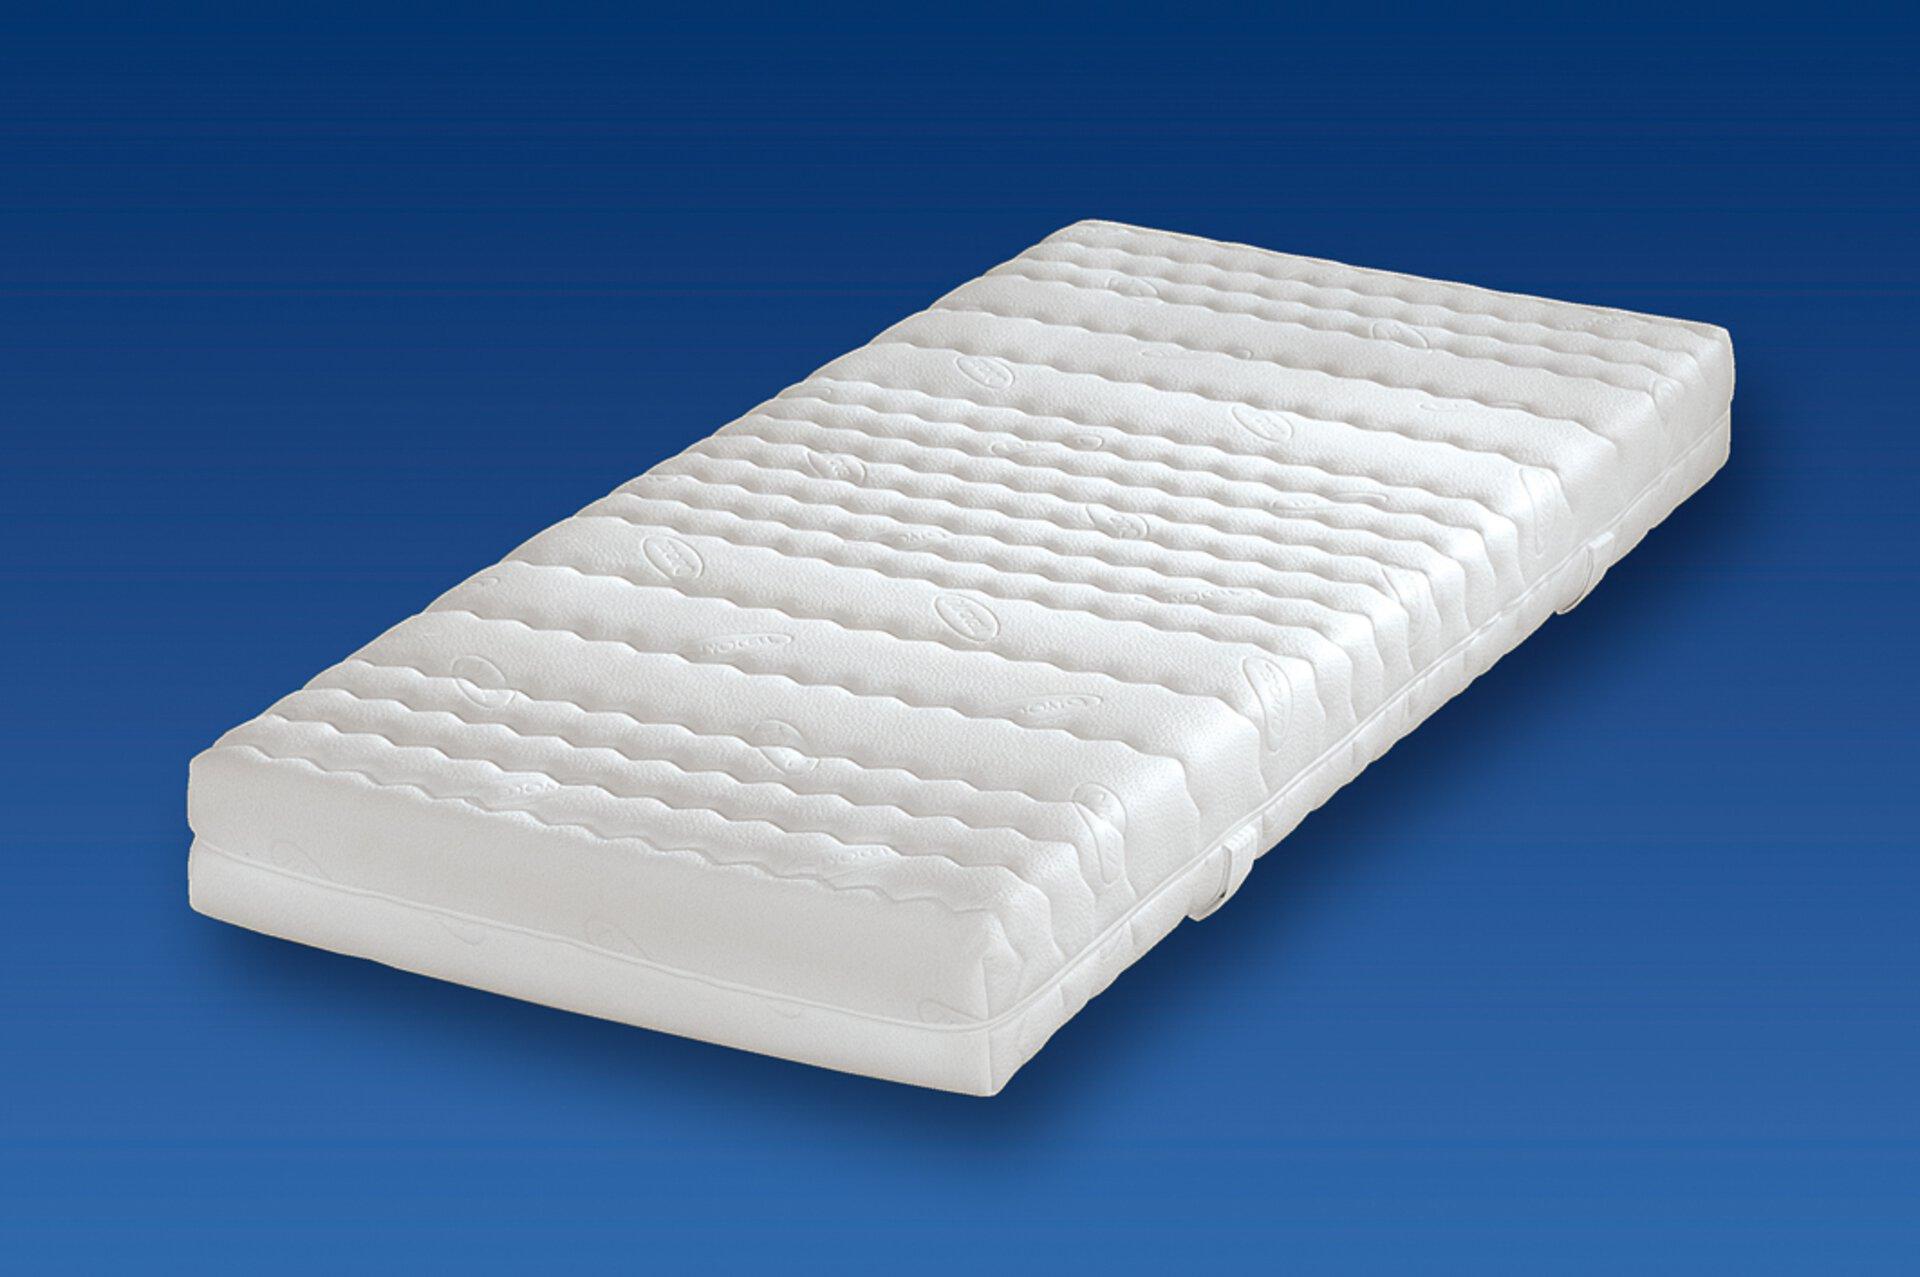 Kaltschaummatratze SANIFLEX Breckle Textil weiß 2 x 1 cm